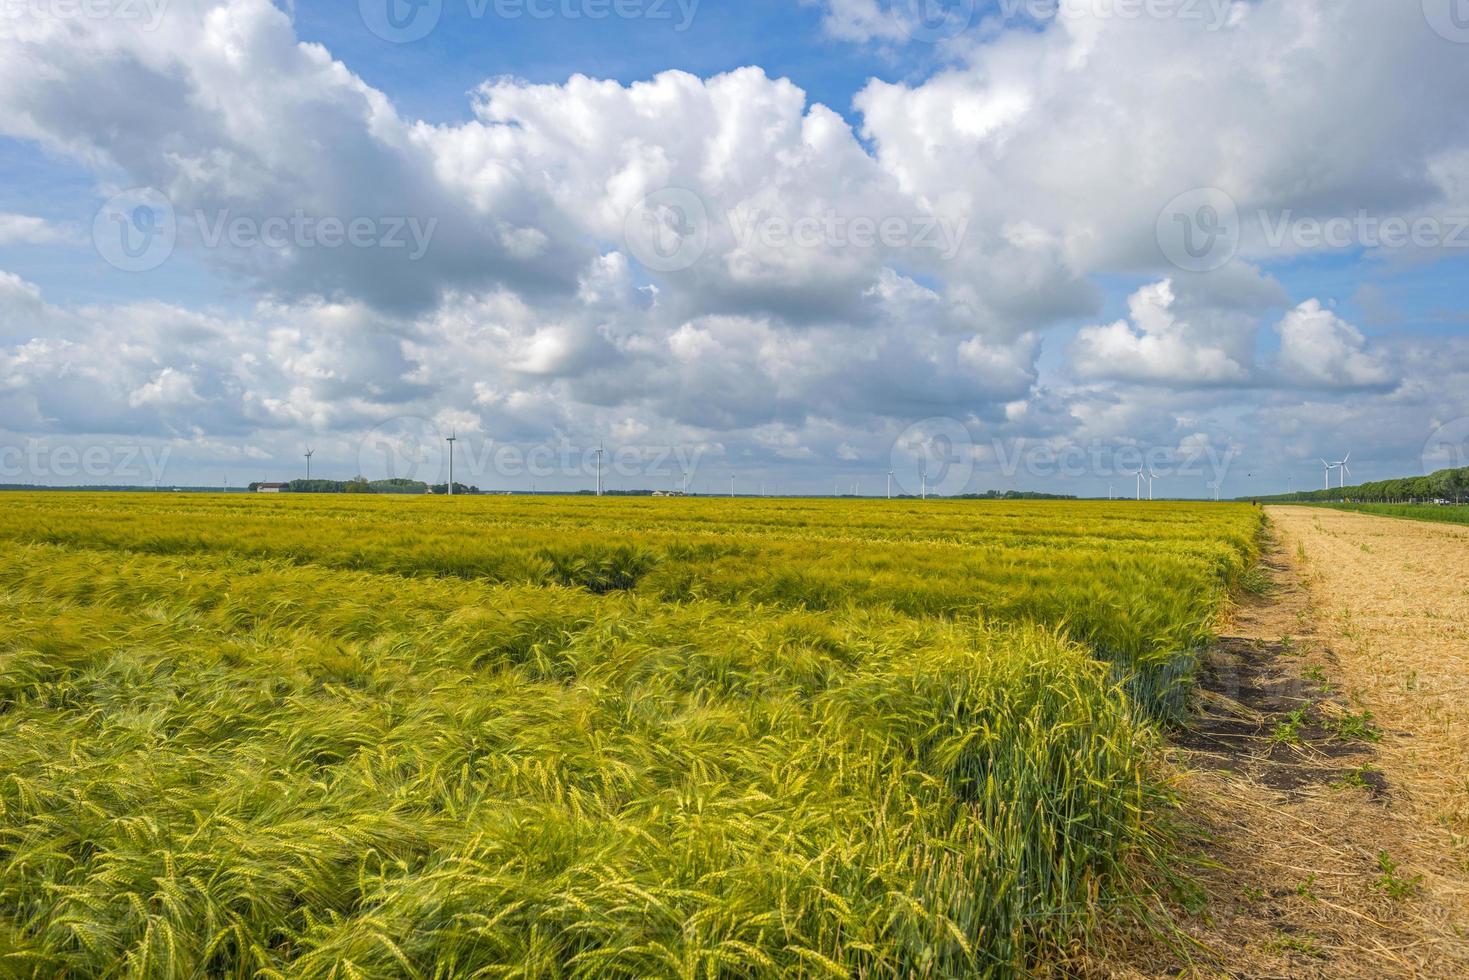 Weizen wächst unter einem bewölkten Himmel im Frühjahr foto